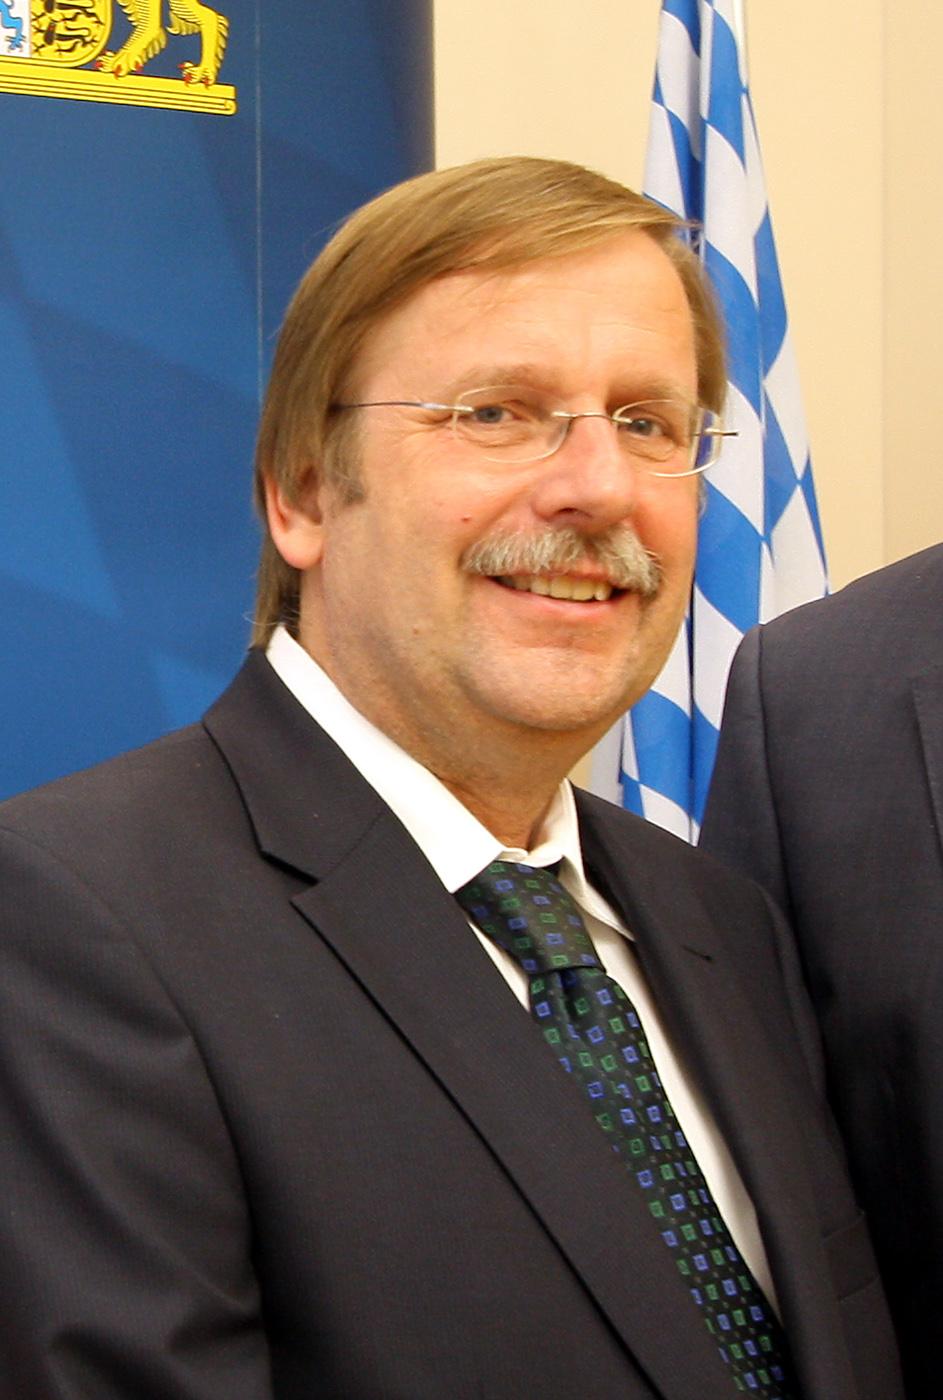 Rainer koch wikipedia for Koch wikipedia